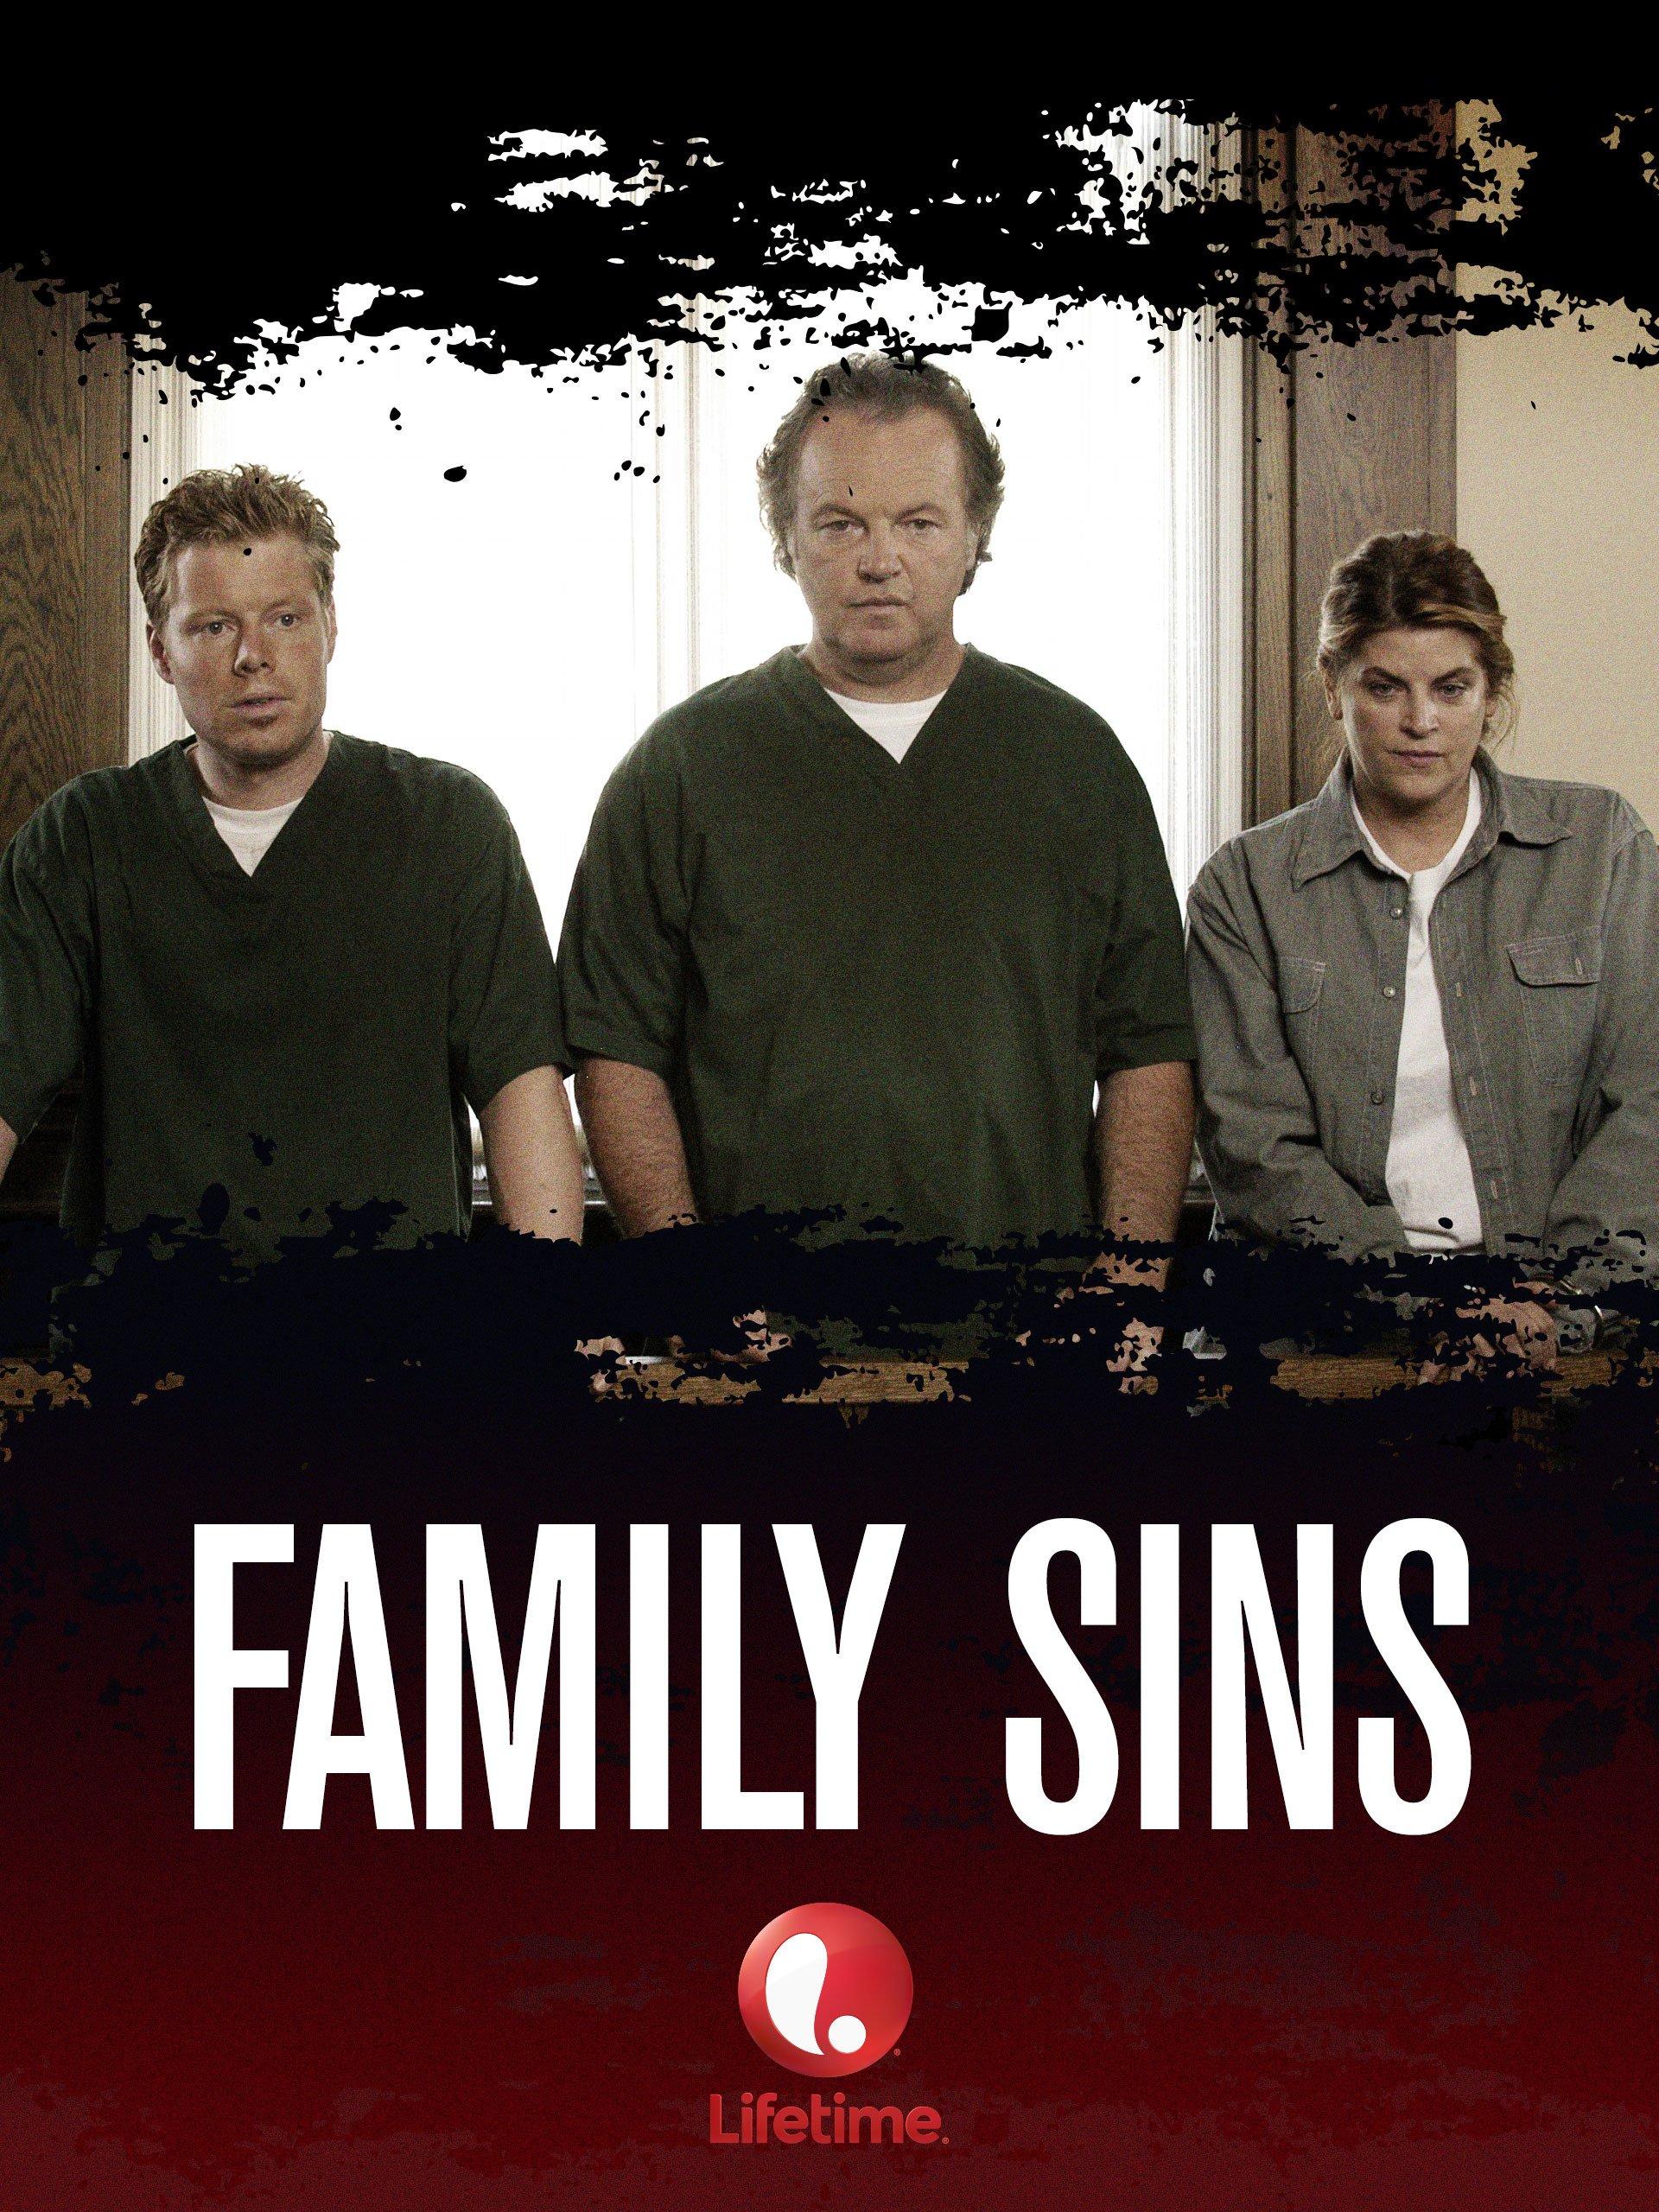 kirstie alley movie family sins